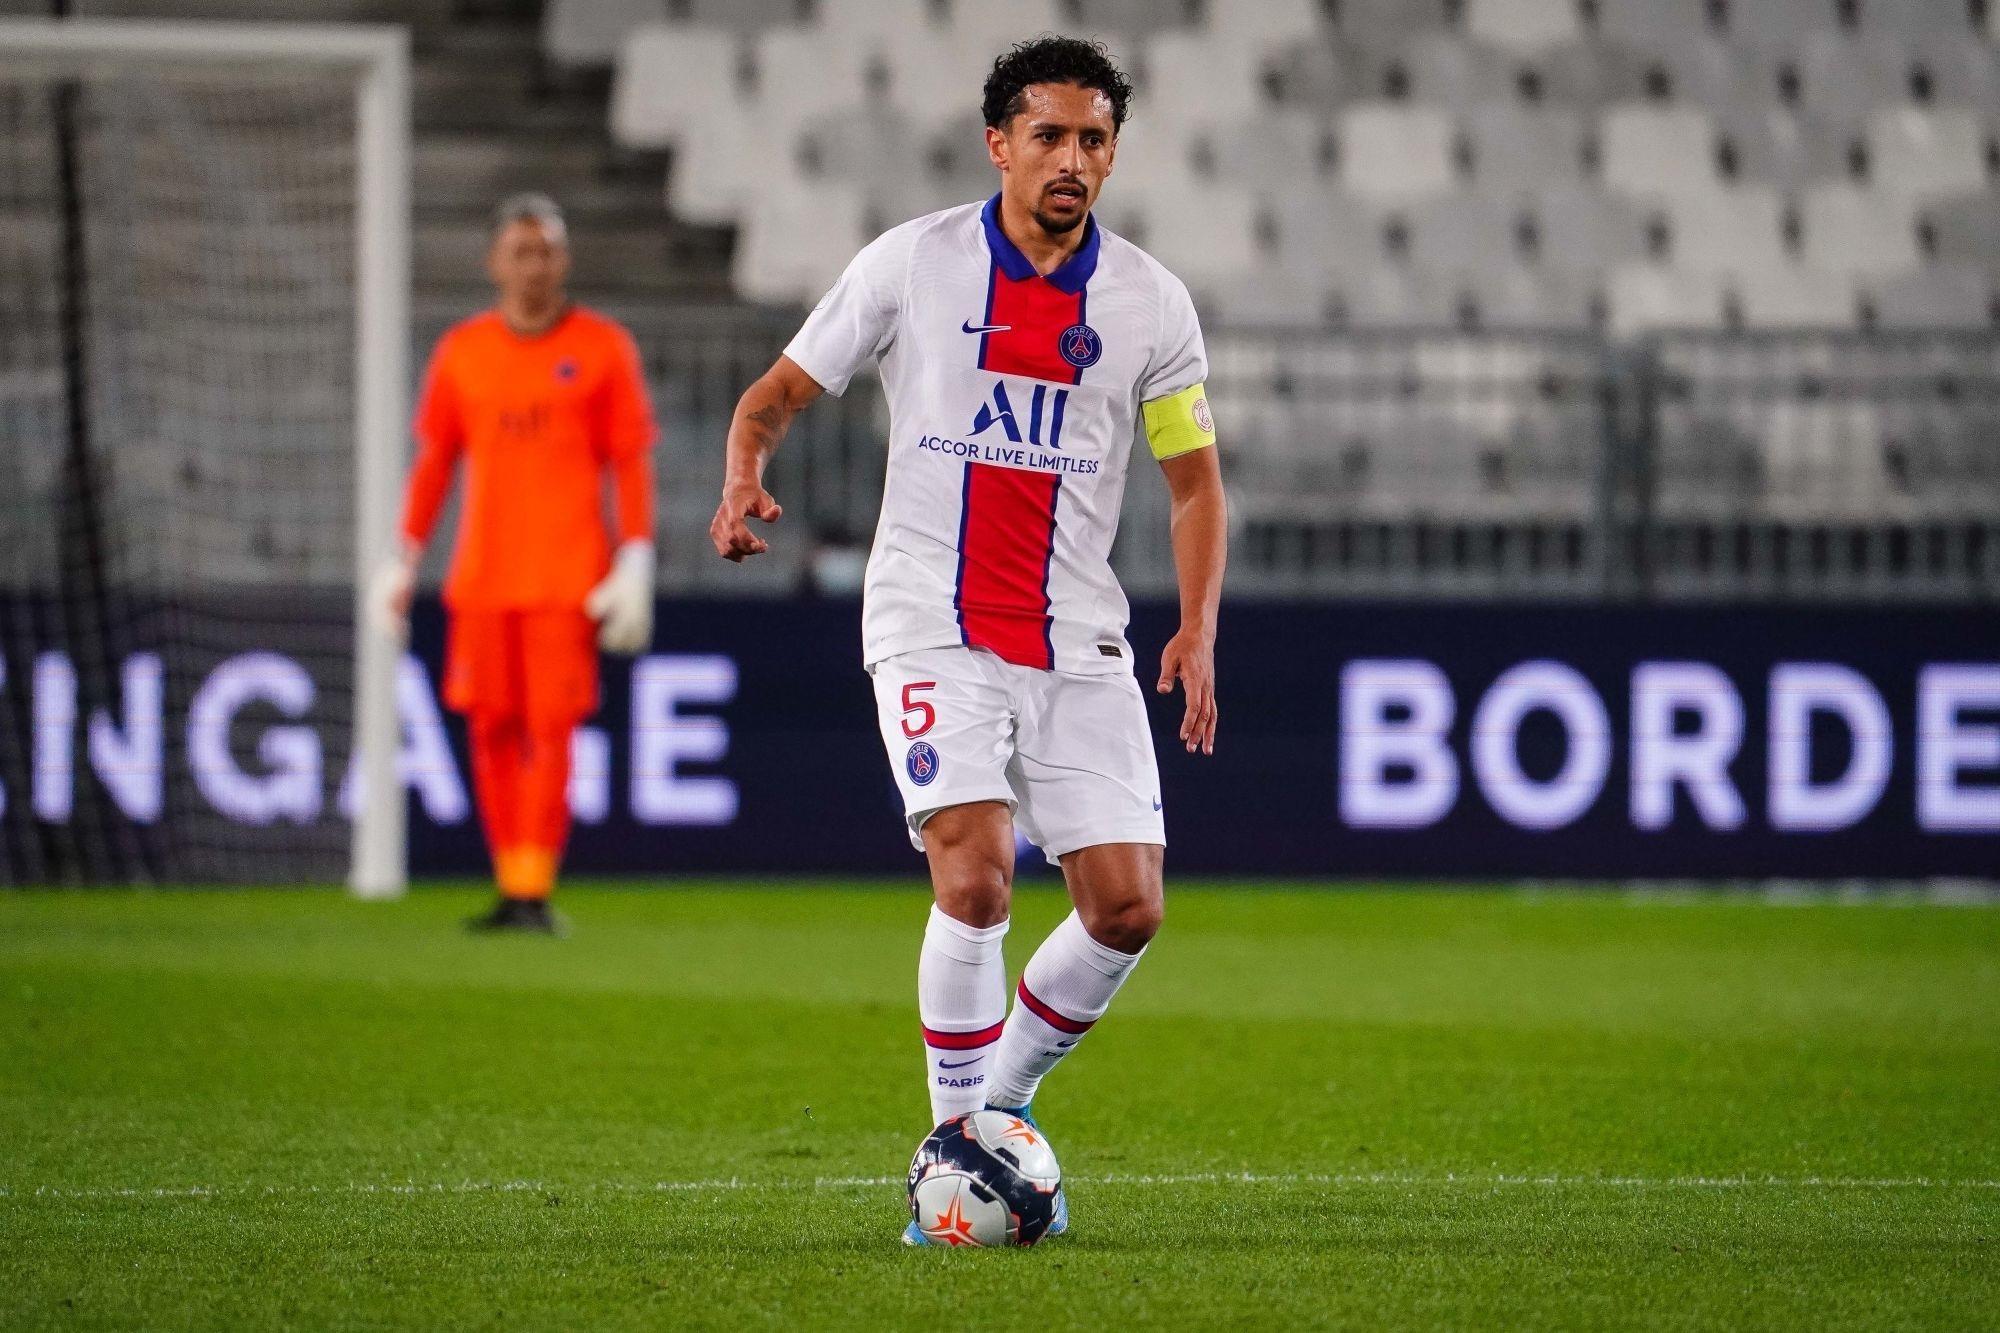 Ligue 1 - Aucun joueur du PSG dans l'équipe-type de la 28e journée de L'Equipe